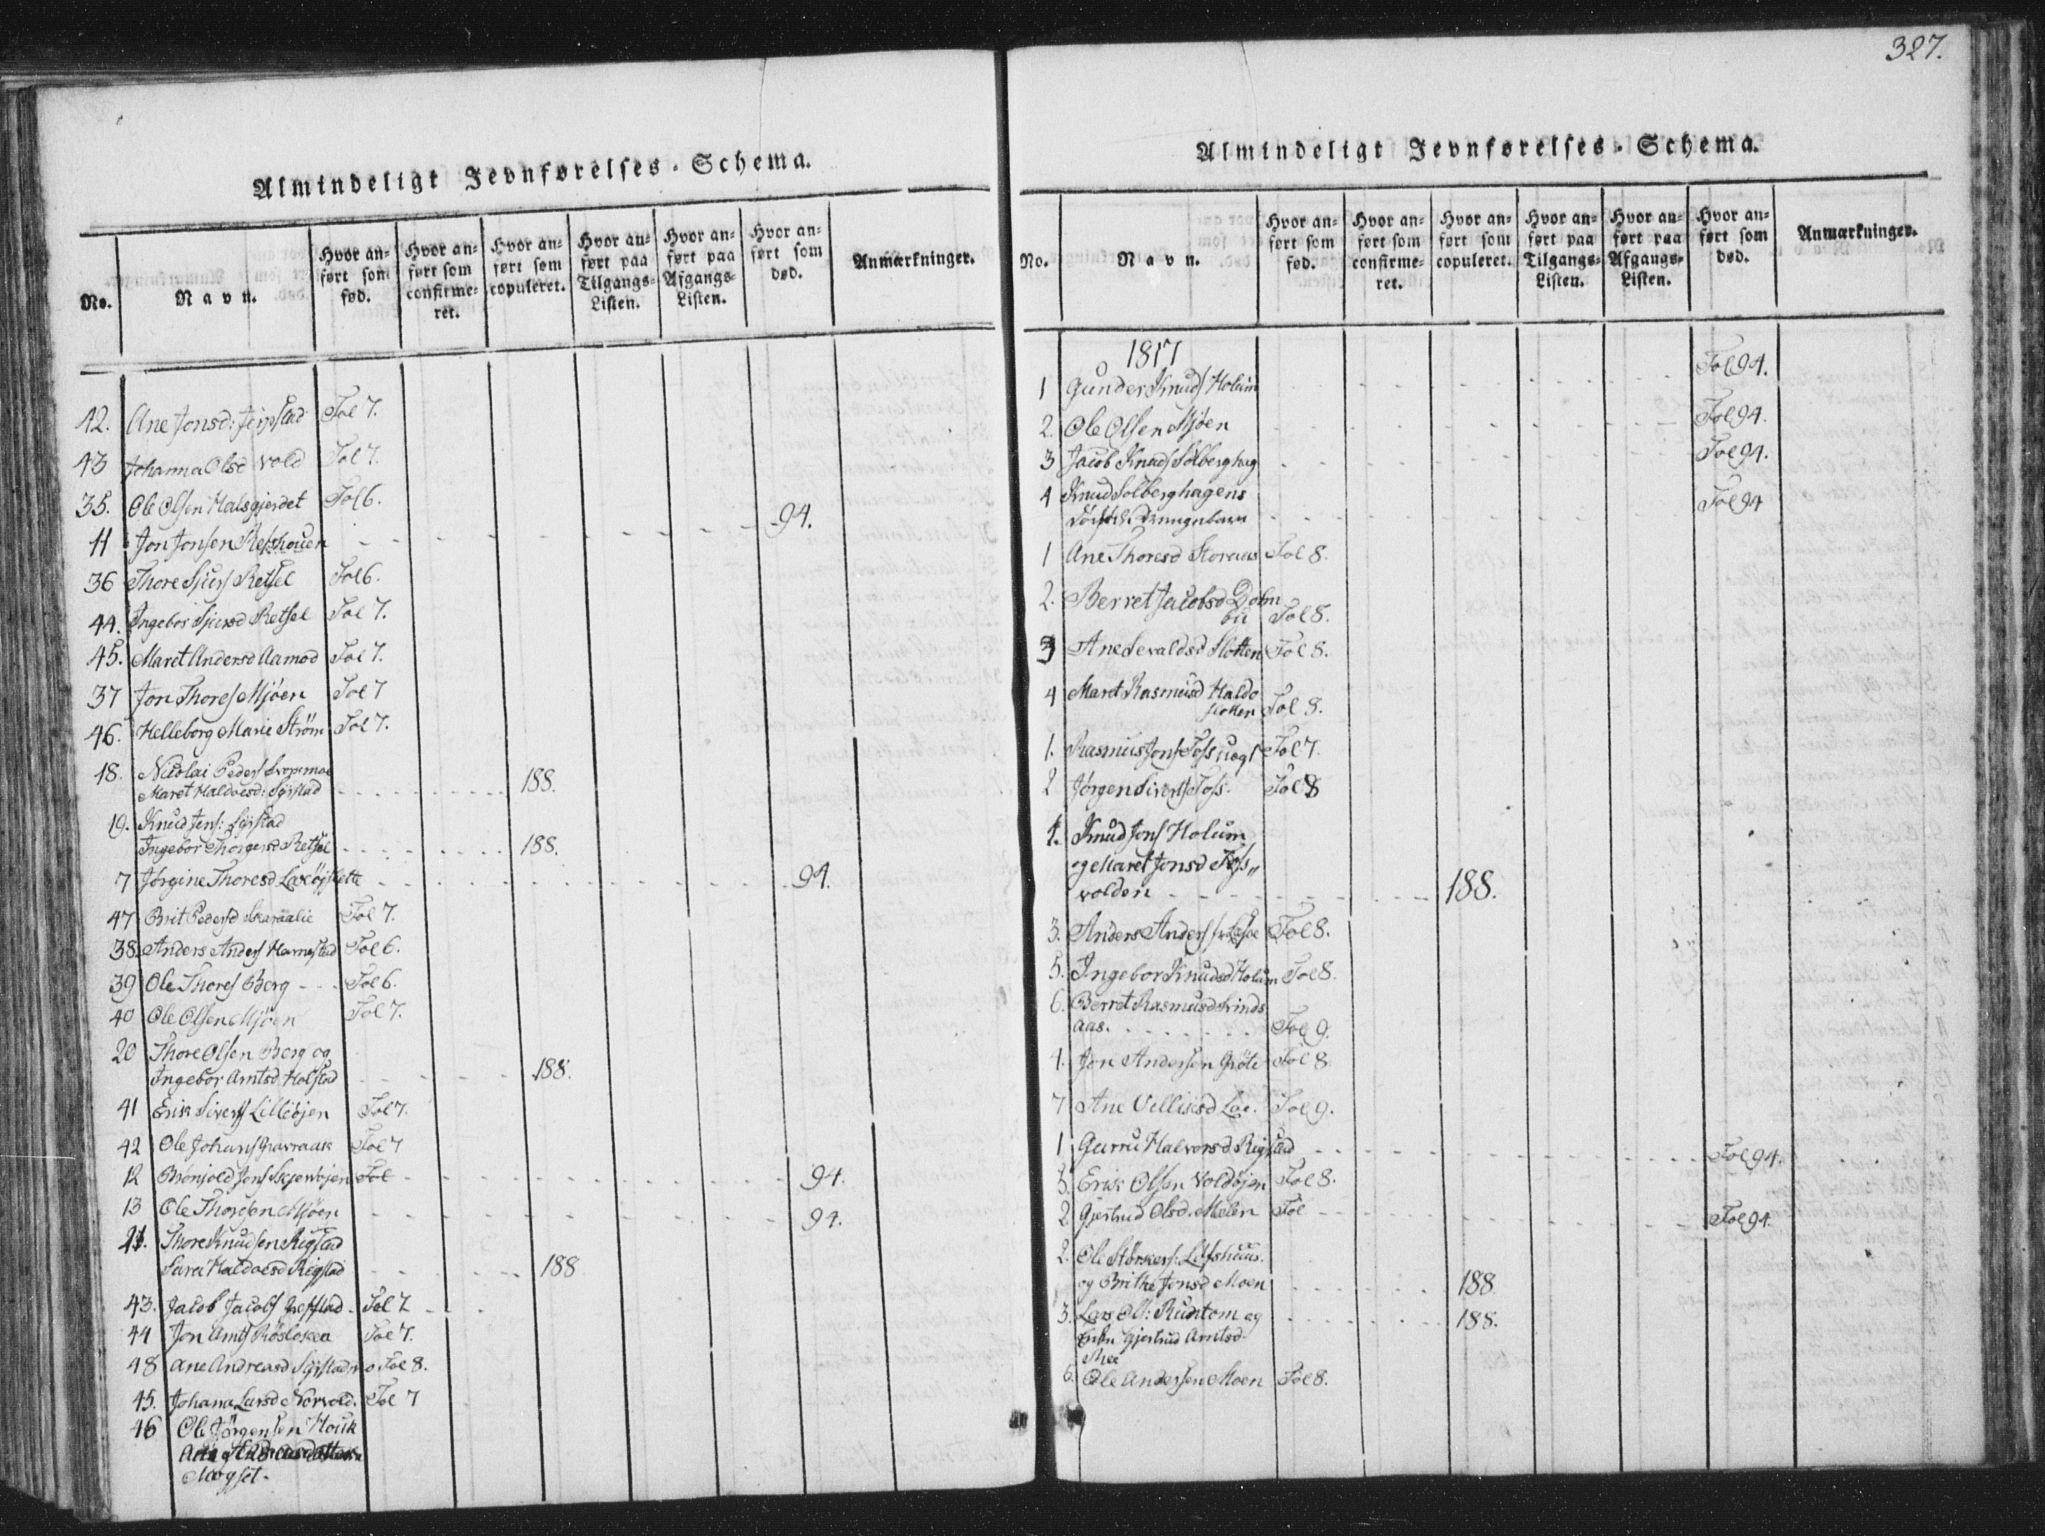 SAT, Ministerialprotokoller, klokkerbøker og fødselsregistre - Sør-Trøndelag, 672/L0862: Klokkerbok nr. 672C01, 1816-1831, s. 327